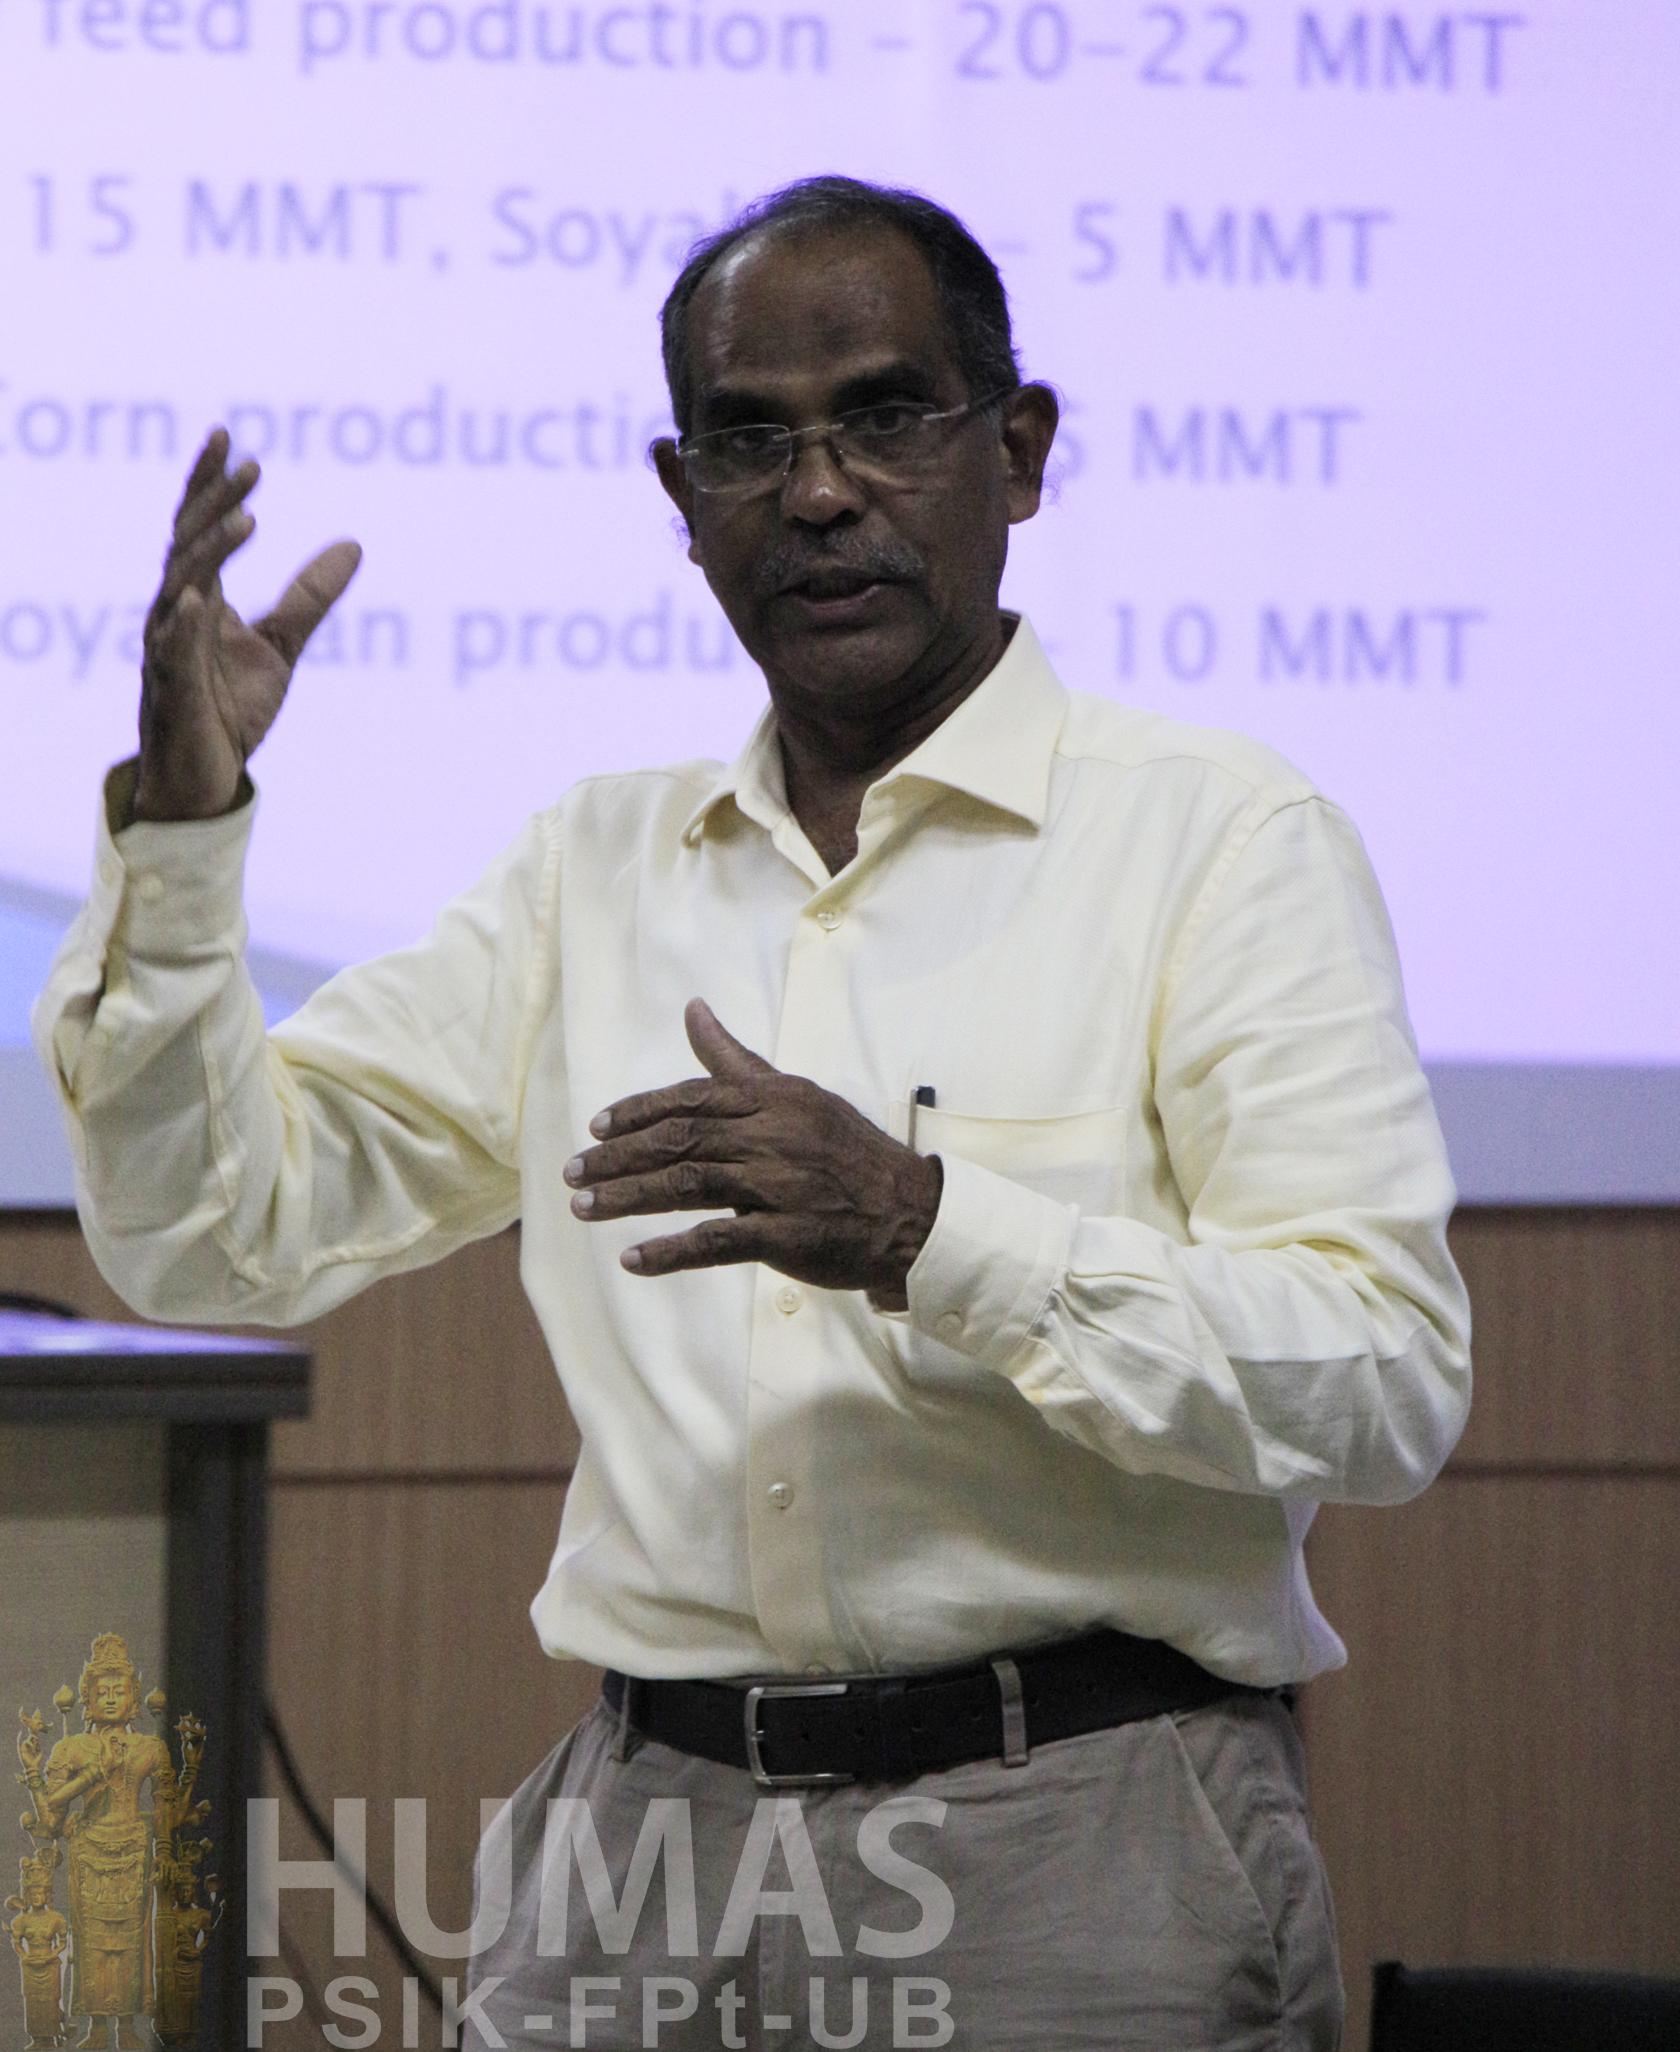 Jalankan Perkuliahan Program 3 in 1, Fapet Datangkan Profesor dari India